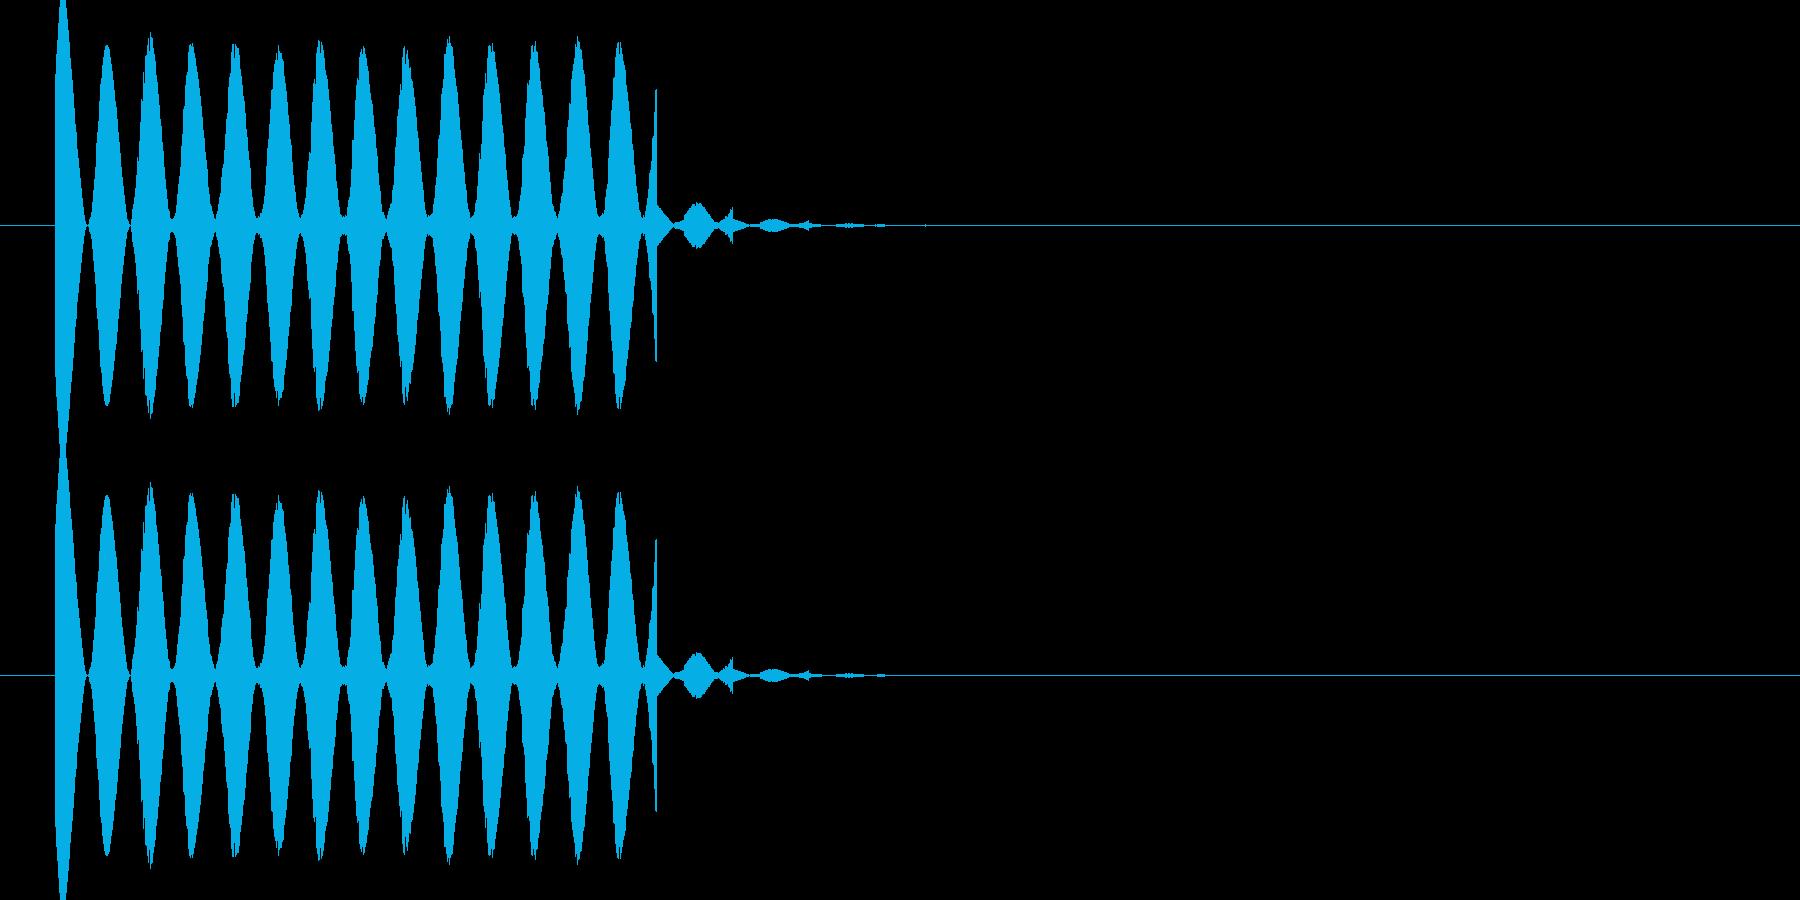 ビビビ ピヨピヨ ビヨーンな光線音1ですの再生済みの波形